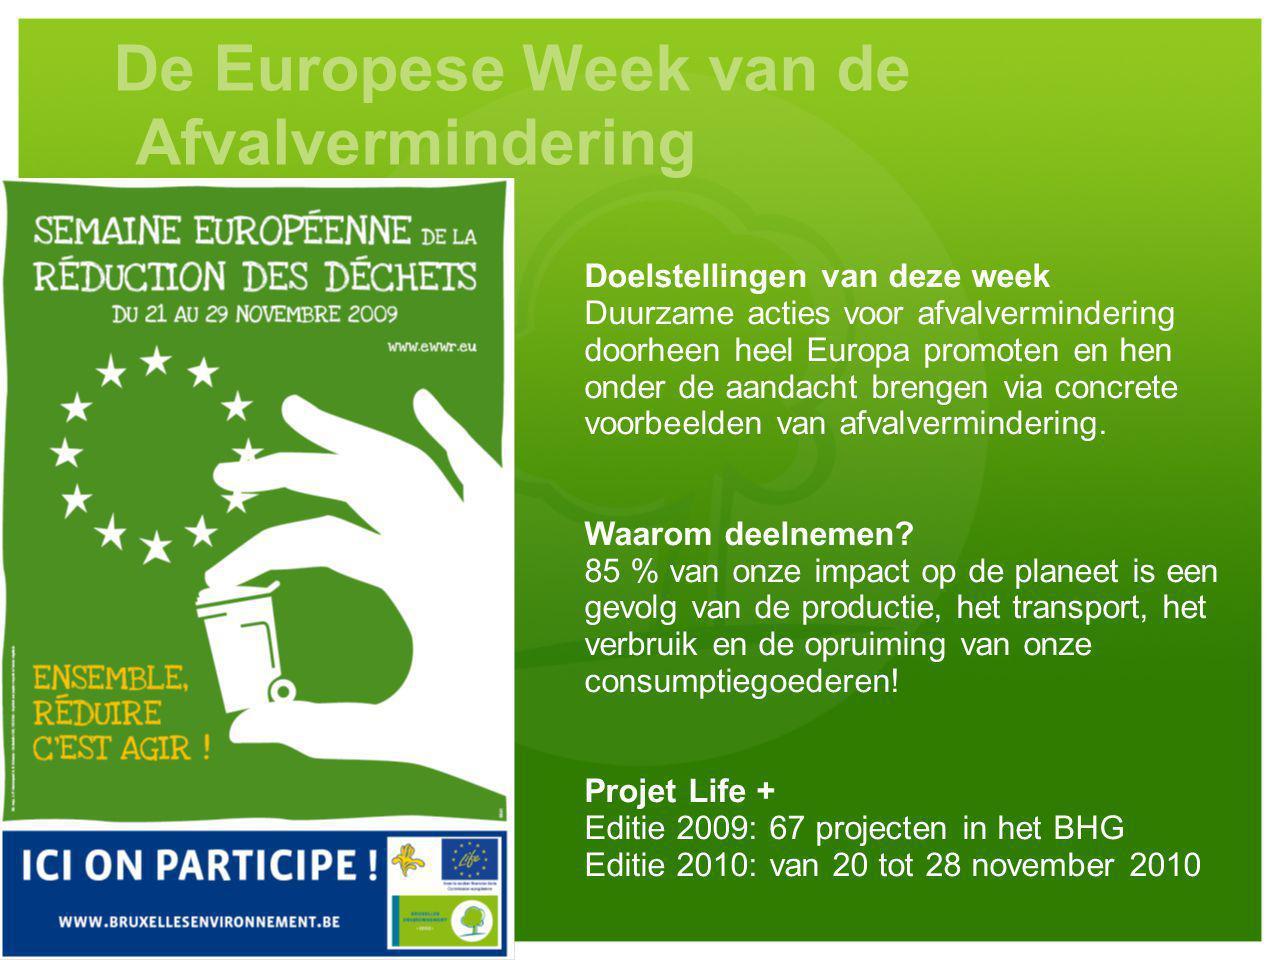 De Europese Week van de Afvalvermindering Doelstellingen van deze week Duurzame acties voor afvalvermindering doorheen heel Europa promoten en hen onder de aandacht brengen via concrete voorbeelden van afvalvermindering.